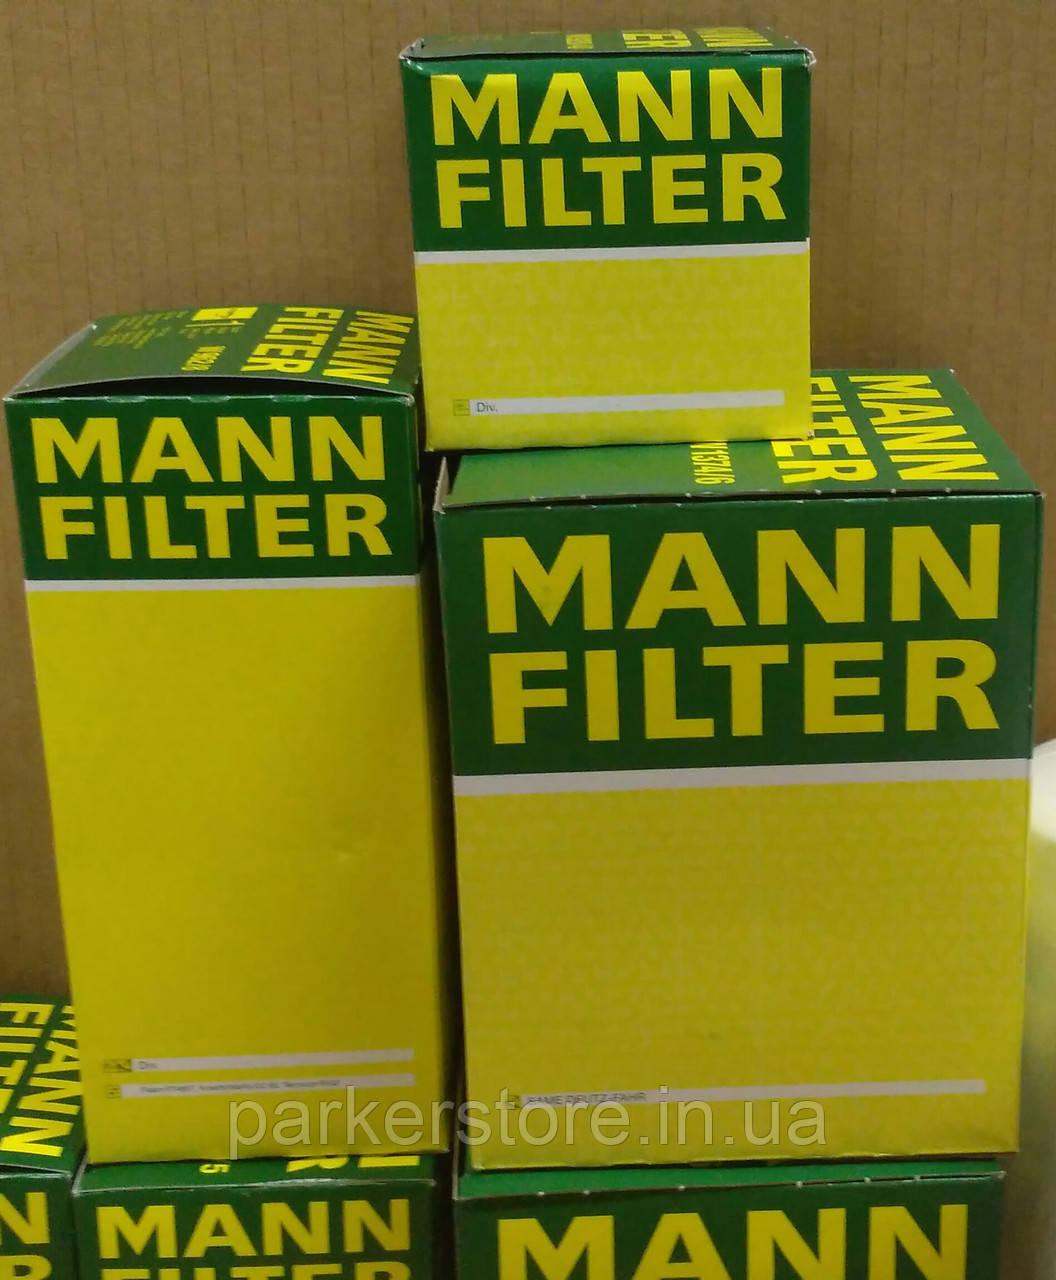 MANN FILTER / Воздушный фильтр / C 1140 / C1140